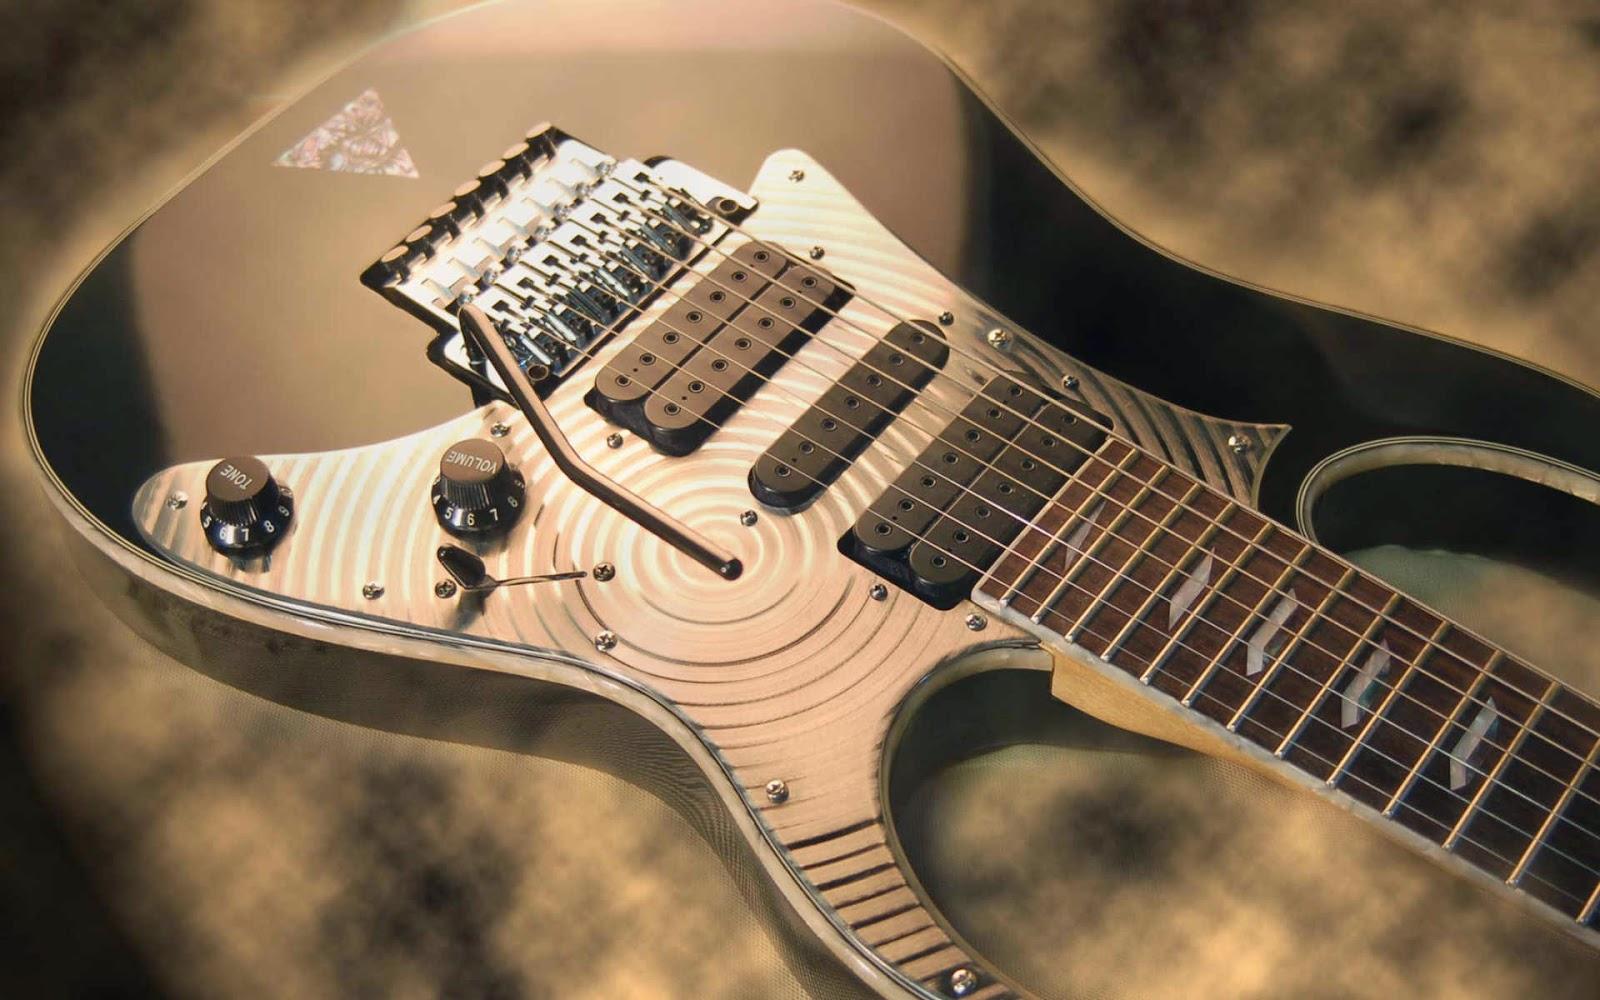 Ibanez Guitar Wallpaper: Ibanez Electric Guitar Wallpaper -o-